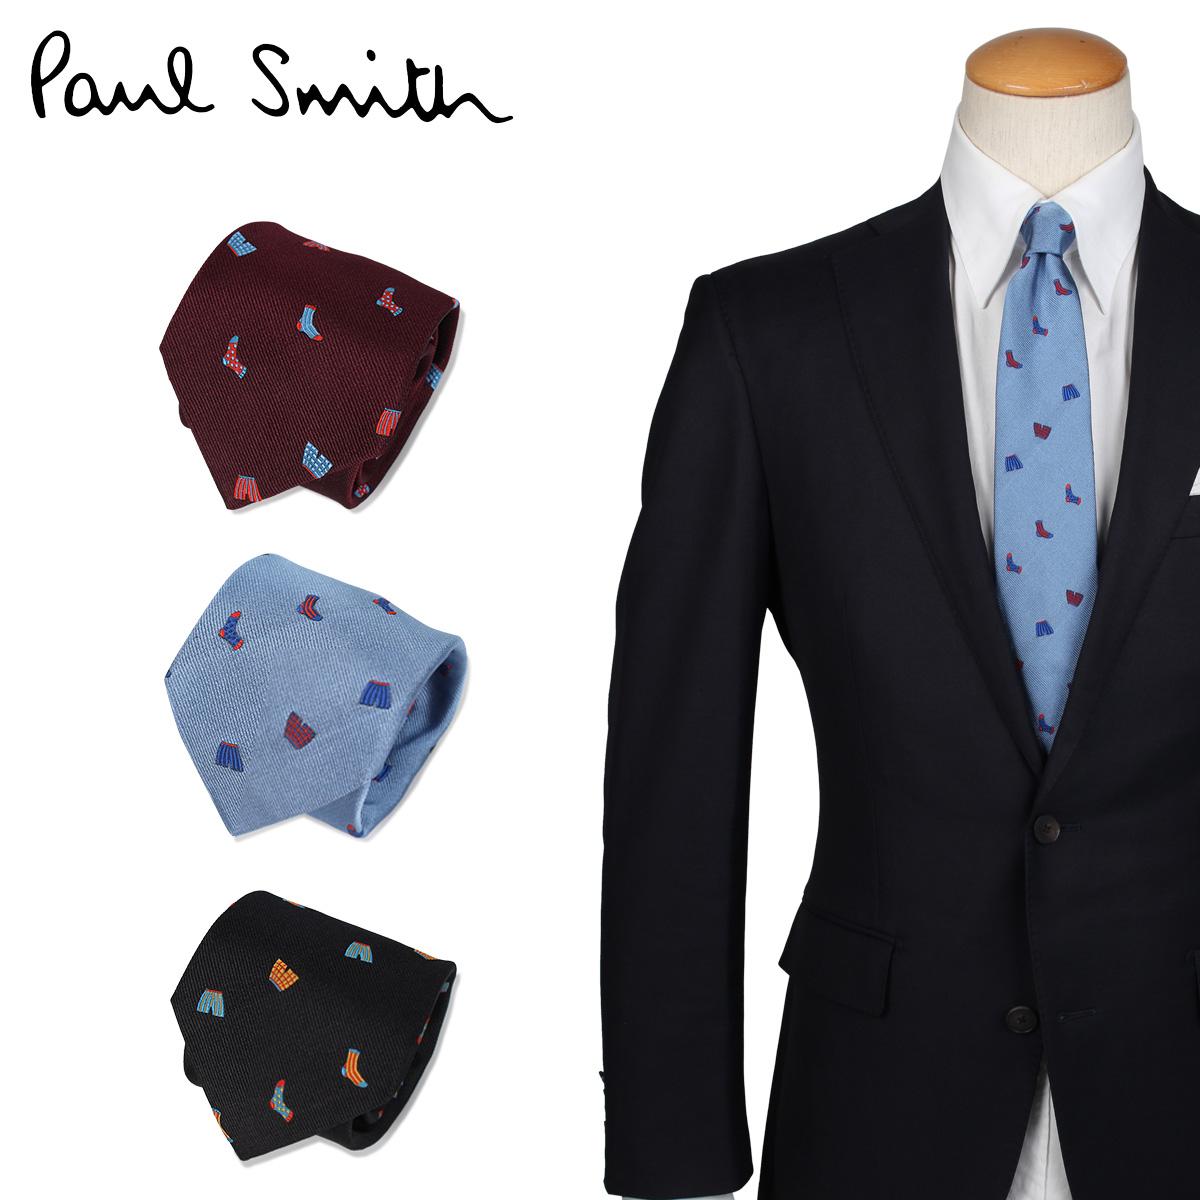 輝い Paul メンズ Smith ポールスミス ネクタイ メンズ イタリア製 ビジネス シルク ネクタイ ビジネス 結婚式 TIE, Leather Item Shop Lunatic White:810a4f5a --- kanvasma.com